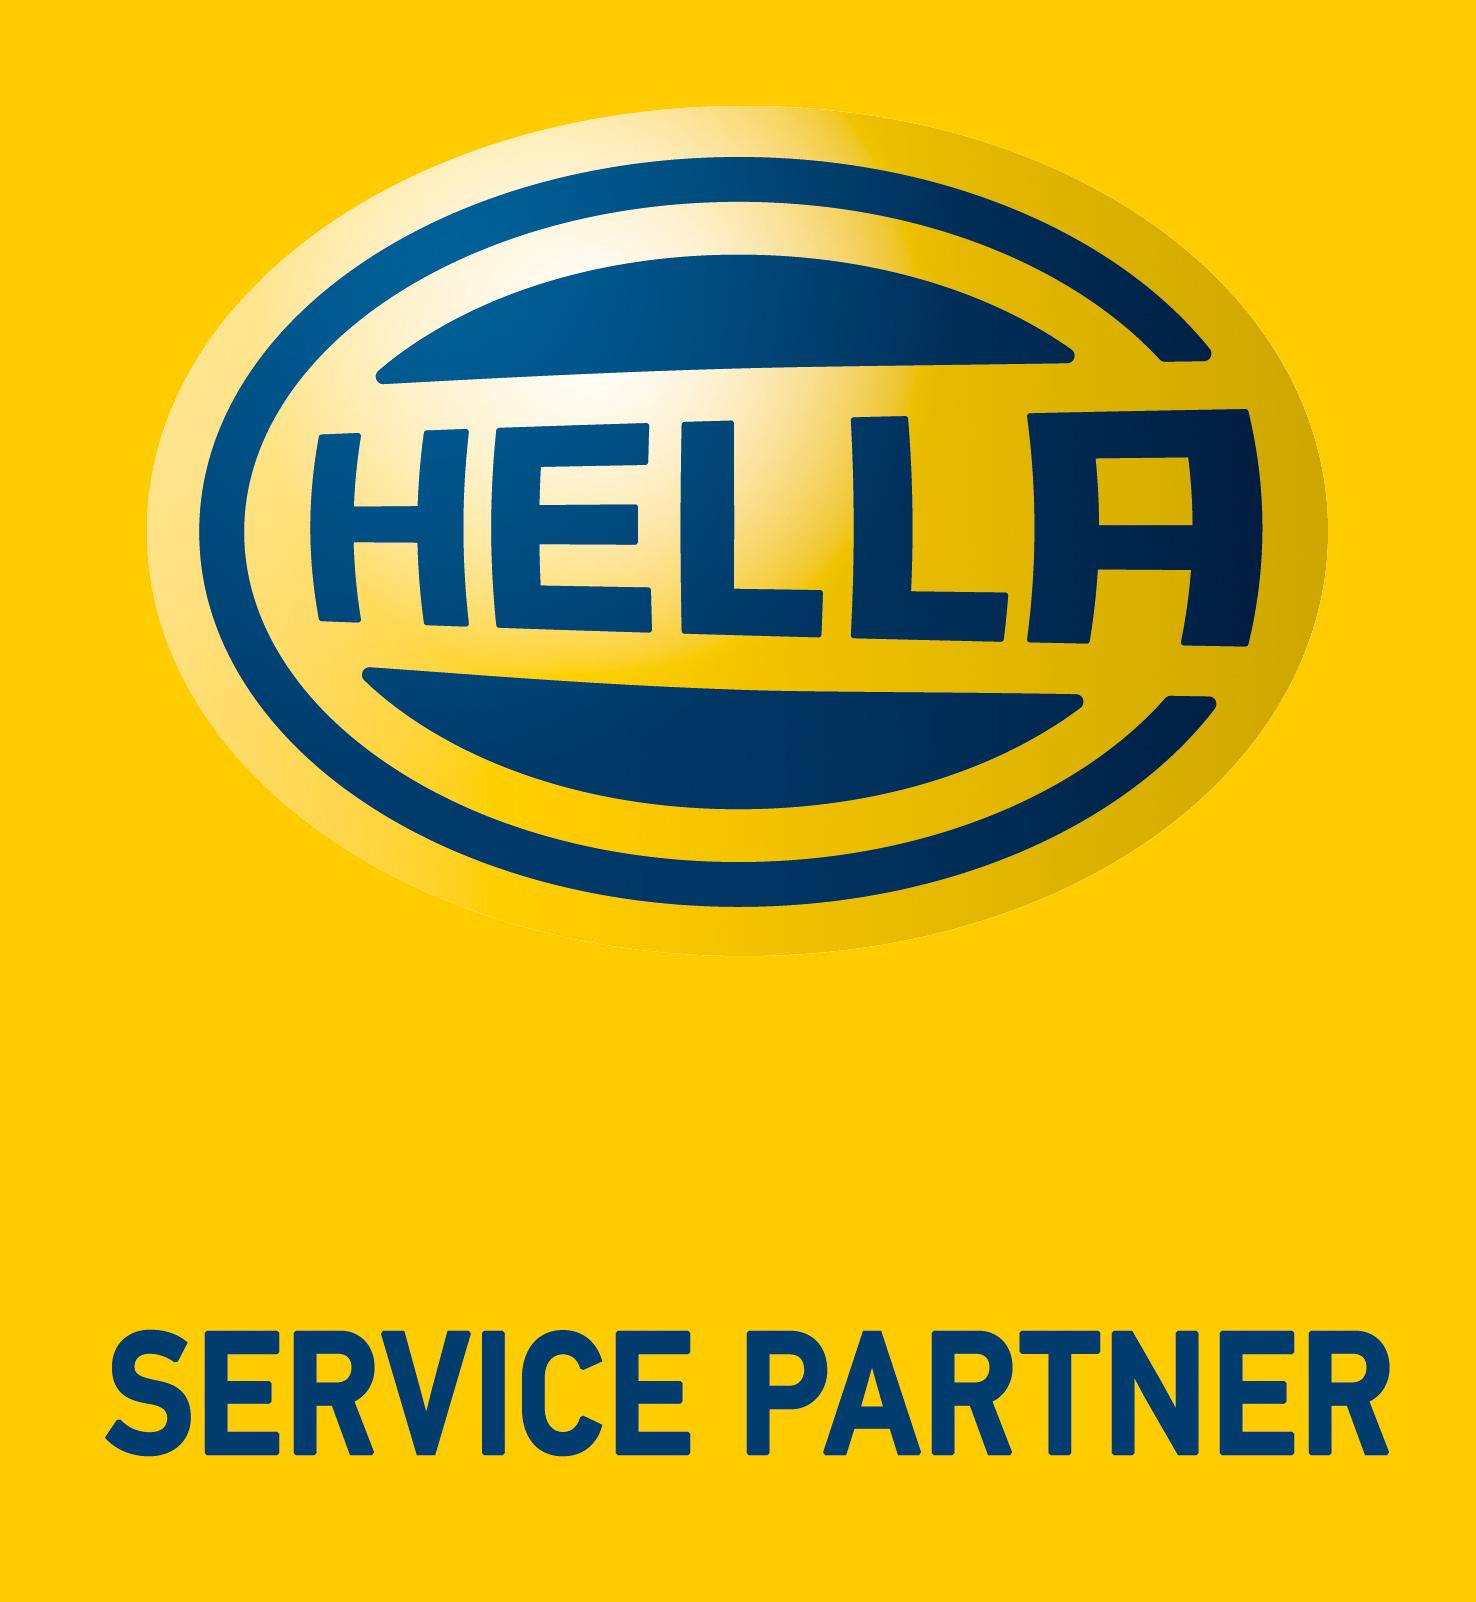 Højfyns Bilcenter ApS - Hella Service Partner logo